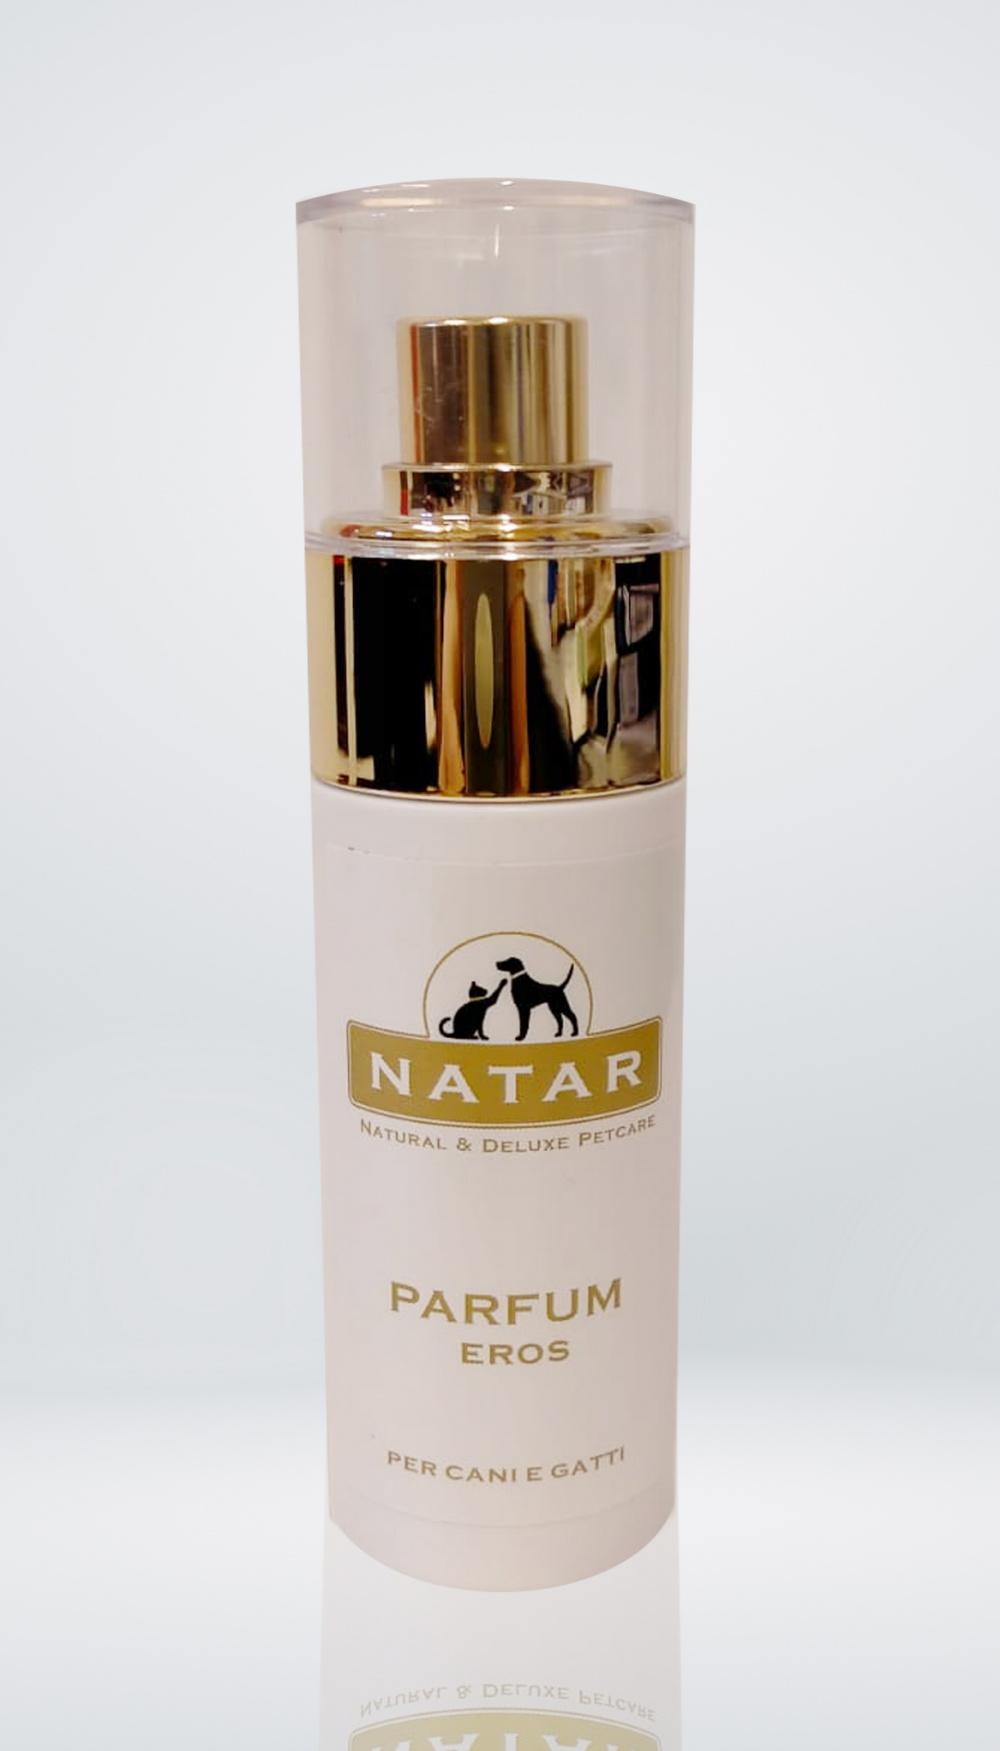 Natar Parfum Eros